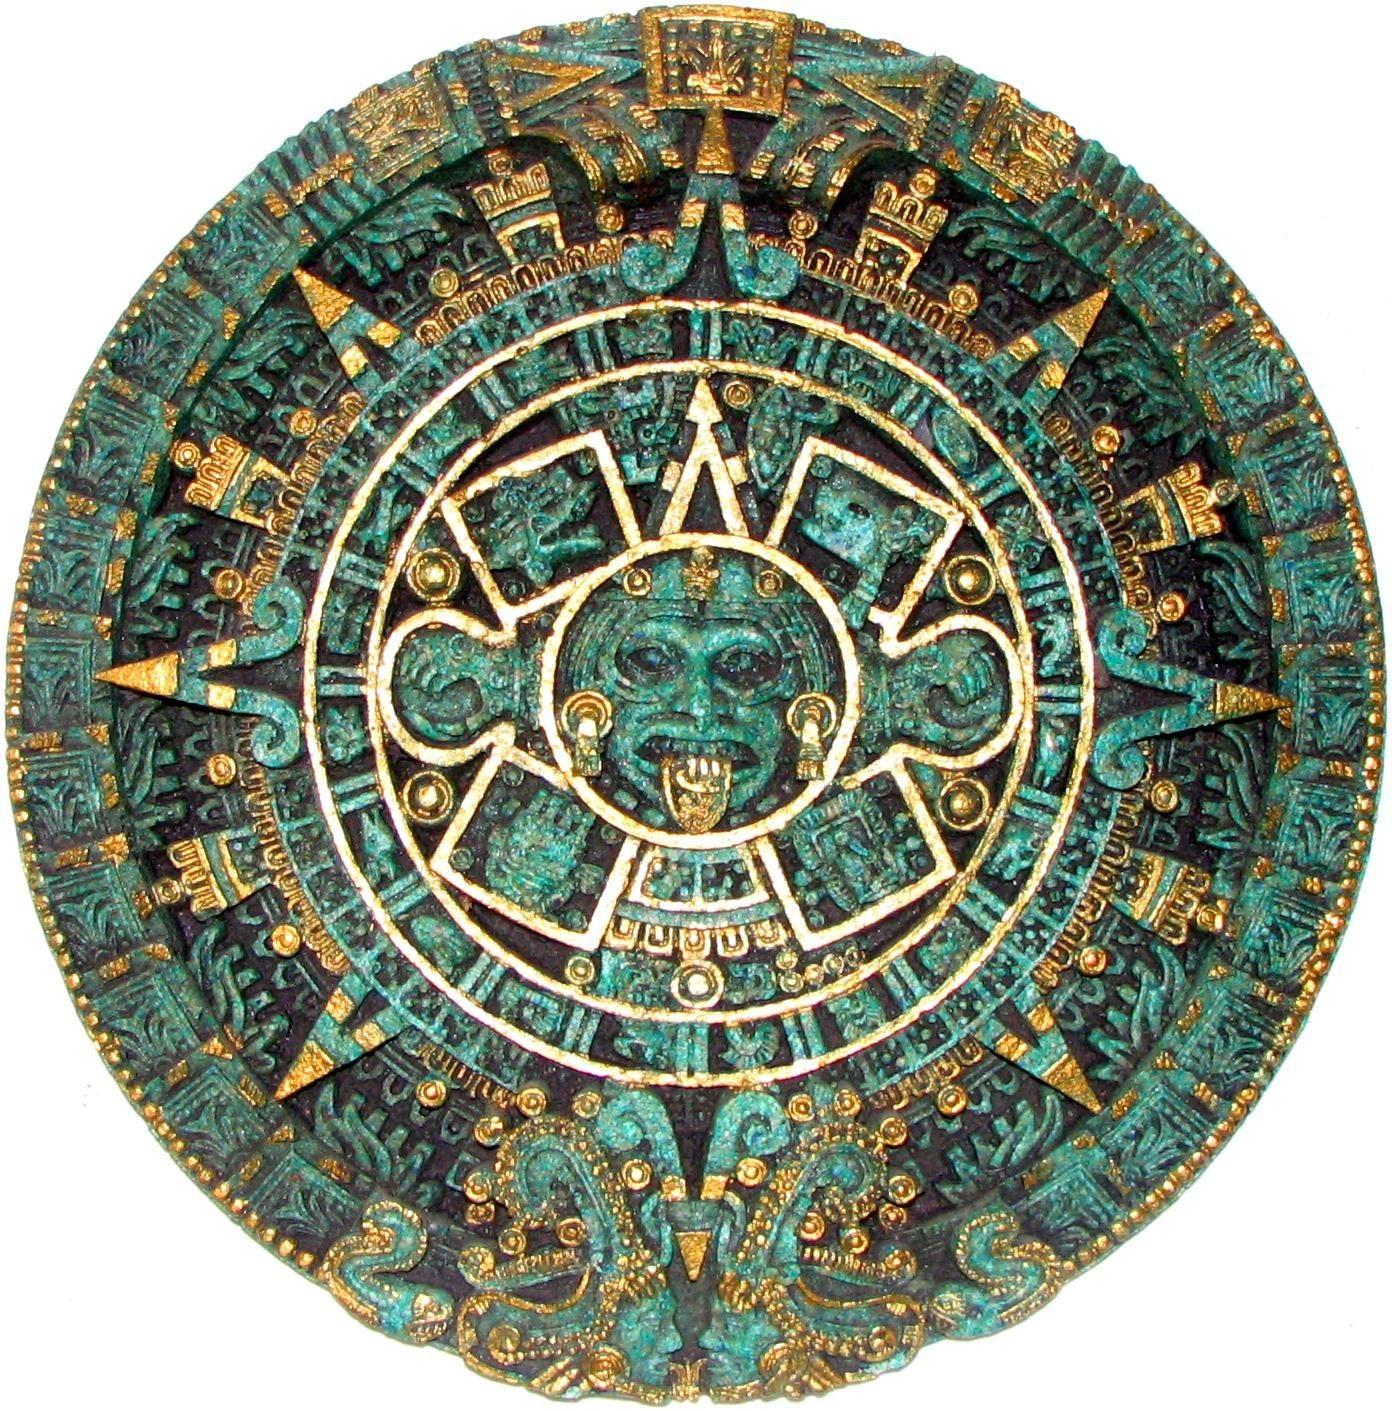 лисова рассказала, древние календари мира картинки чёрно-белое фото